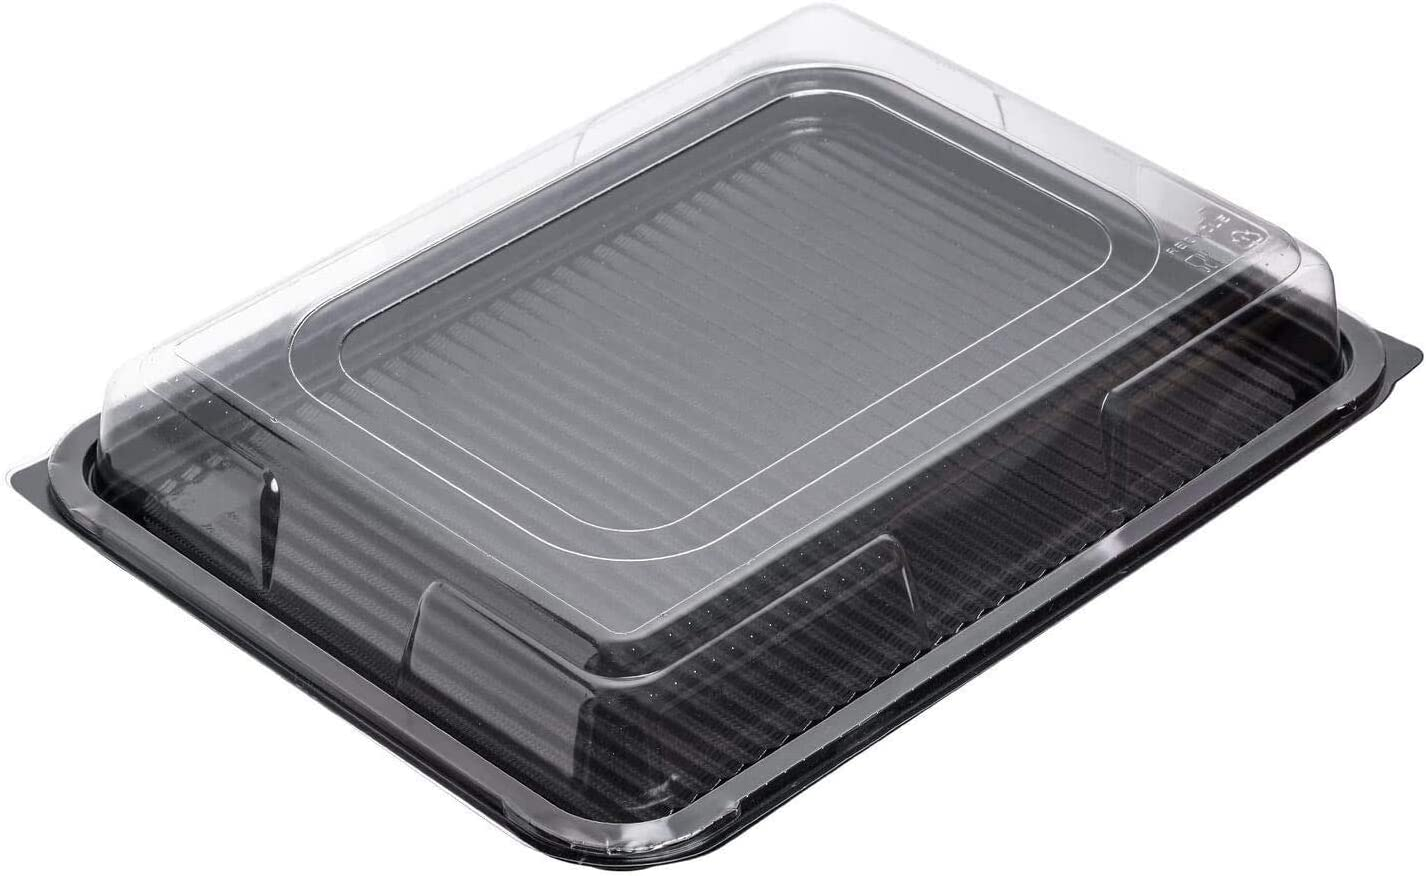 coperchi trasparenti vassoi neri Confezione da 10 vassoi grandi per catering 450 x 350 mm usa e getta con coperchio per sandwich con coperchio